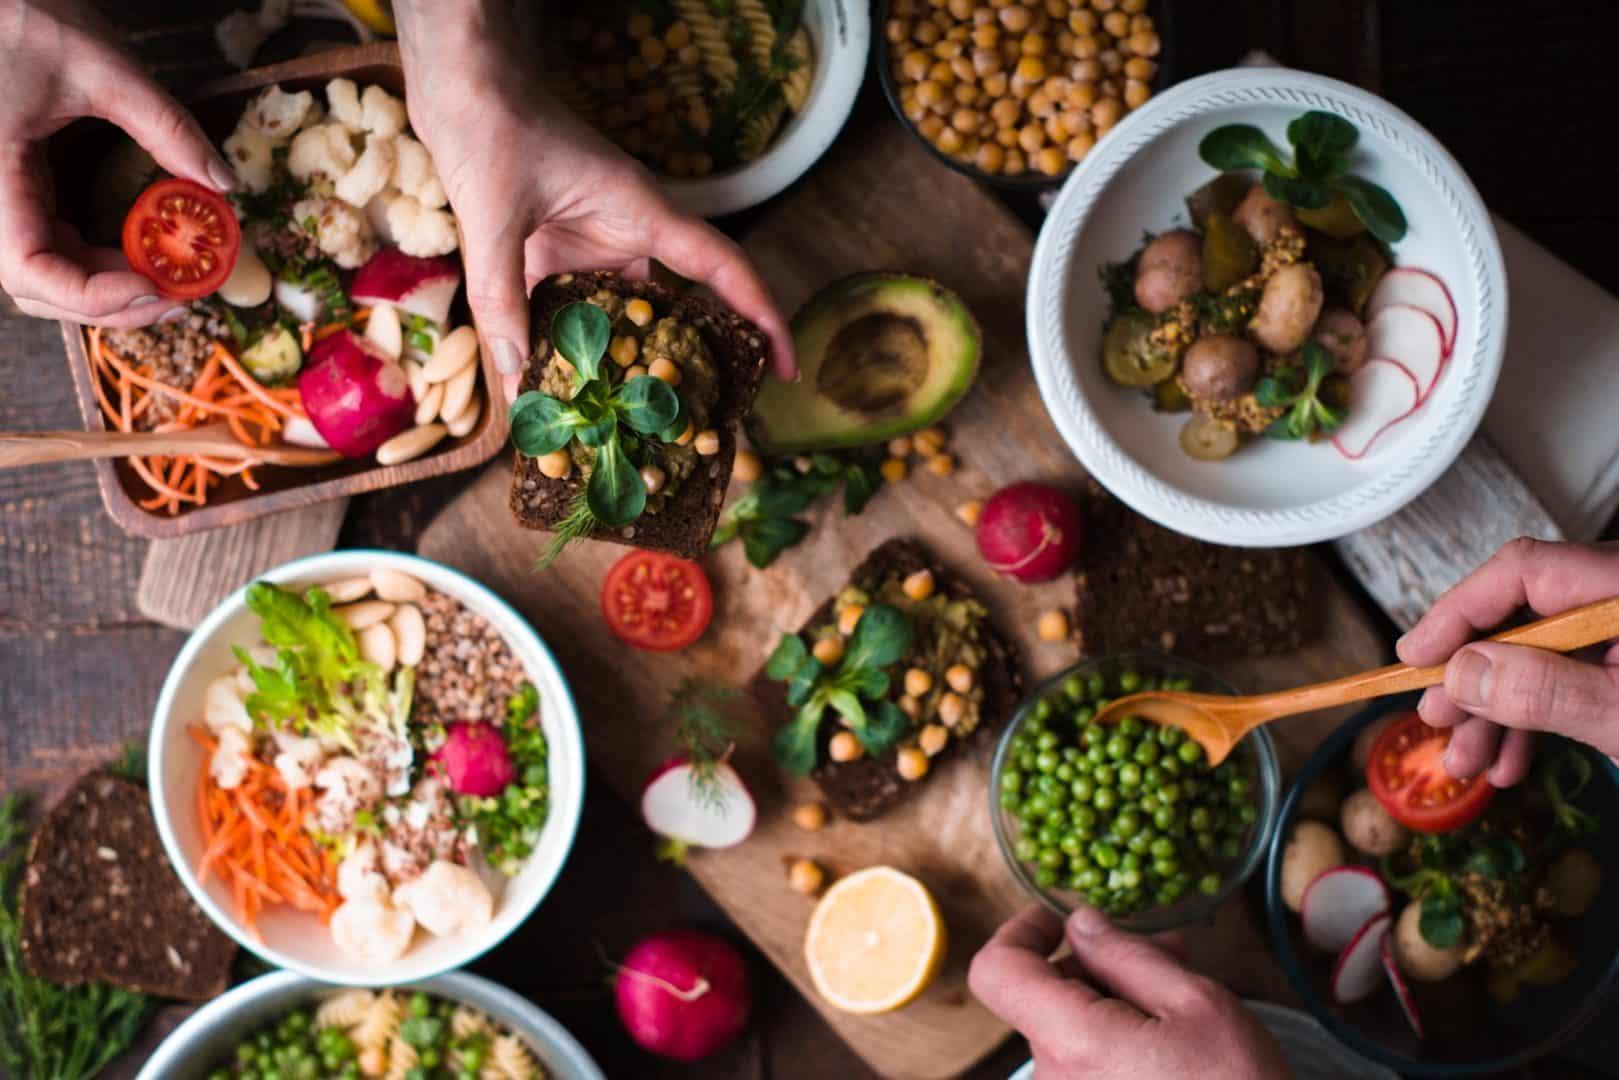 Veganos - quem são, o que pregam, o que eles comem?